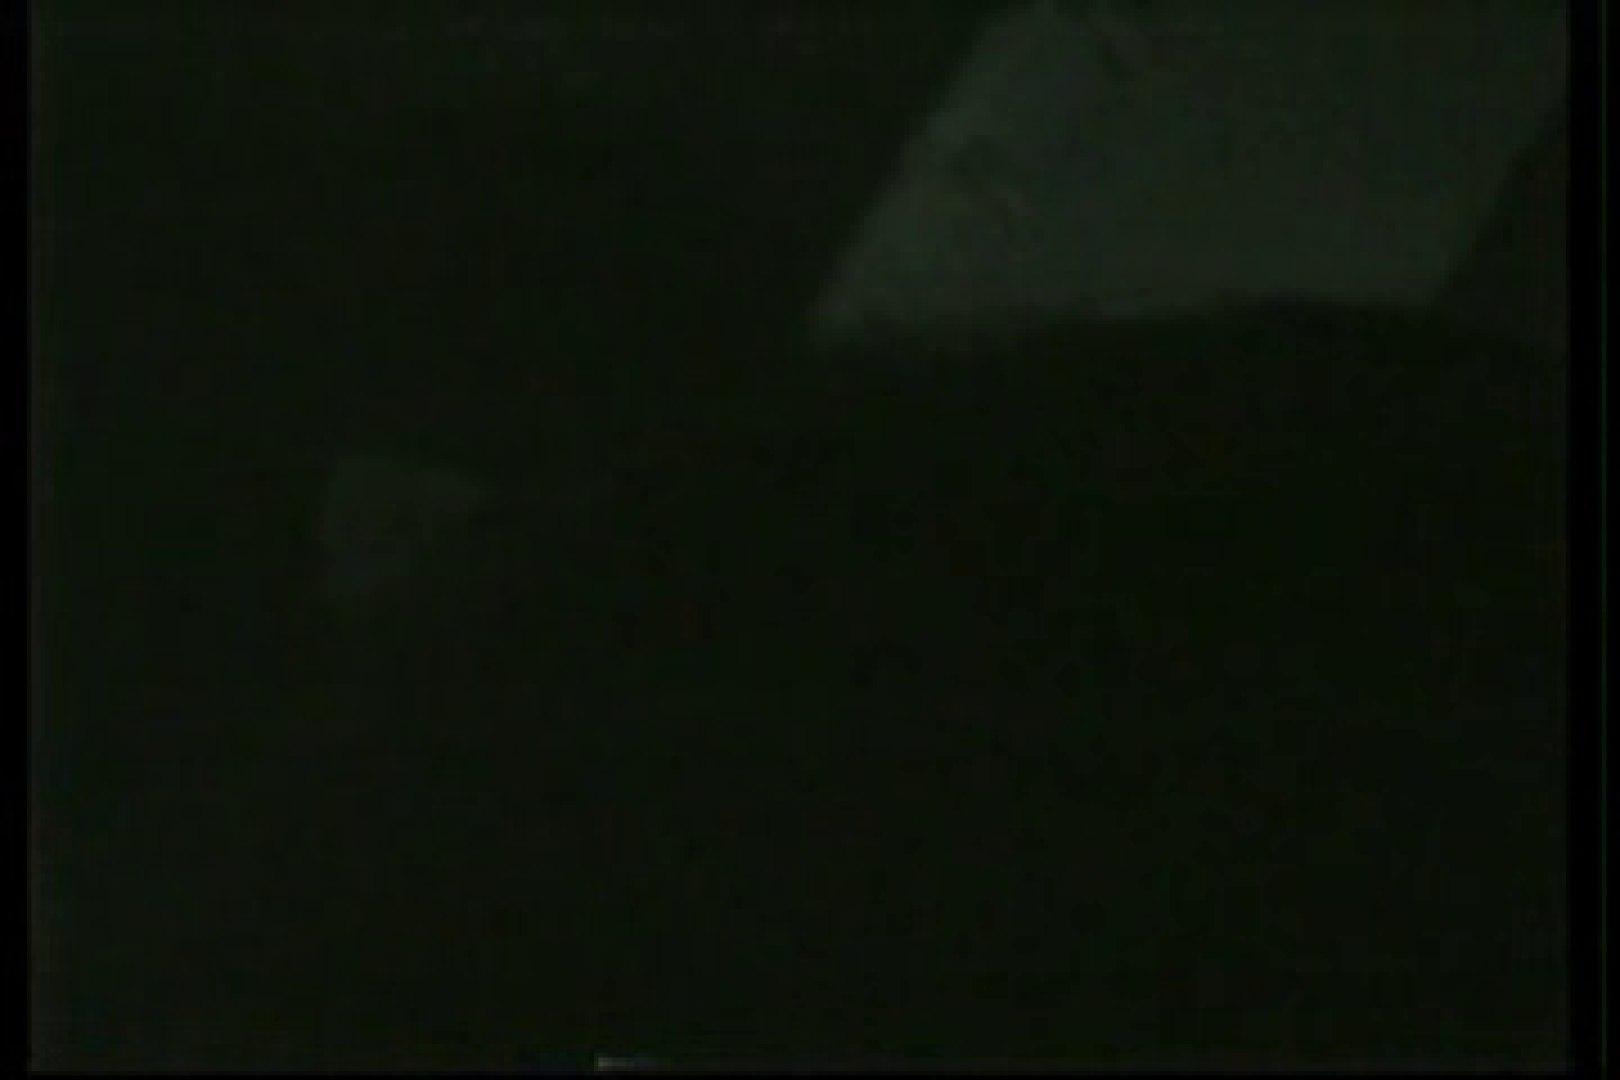 【実録個人撮影】男の子達の禁断の愛欲性活!!vol.02(対女性アナル責め) アナル特集 ゲイセックス画像 105枚 38